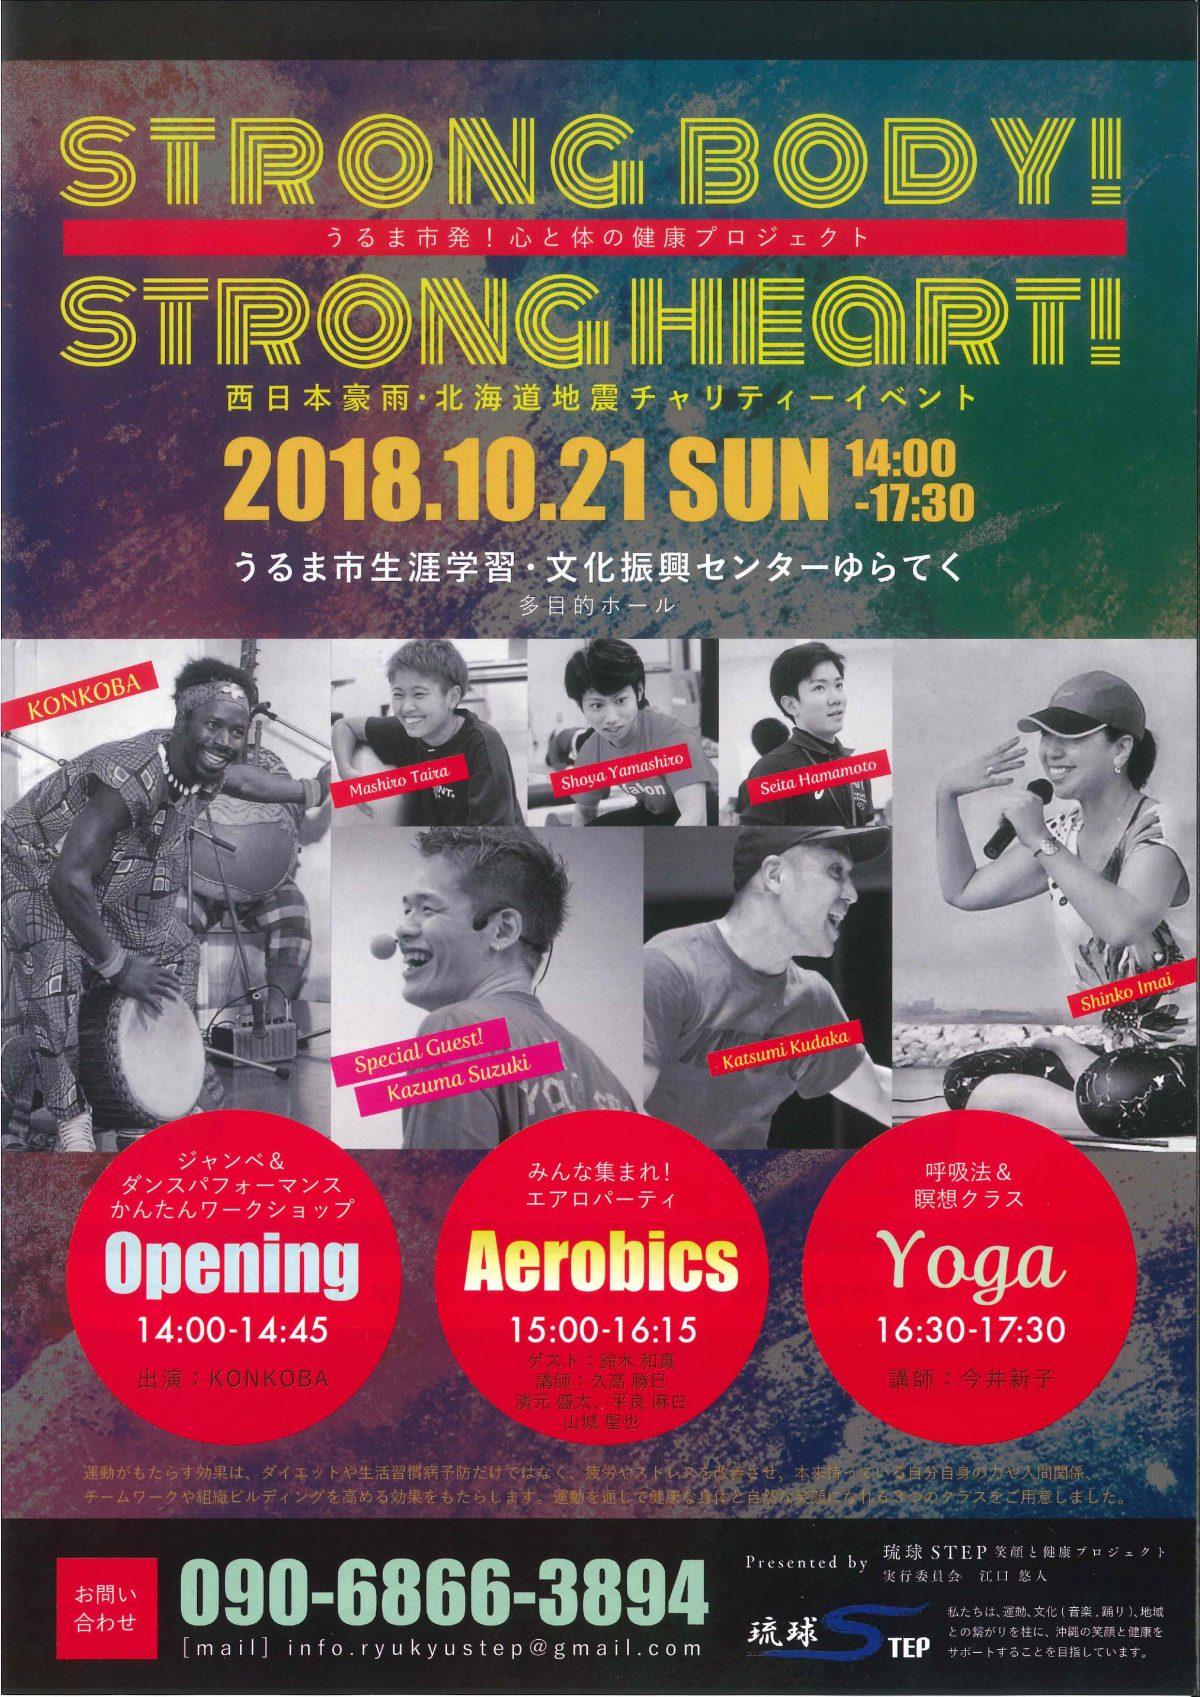 「 STRONG BODY! STRONG HEART」のチラシが届きました! 10月21日(日)です!